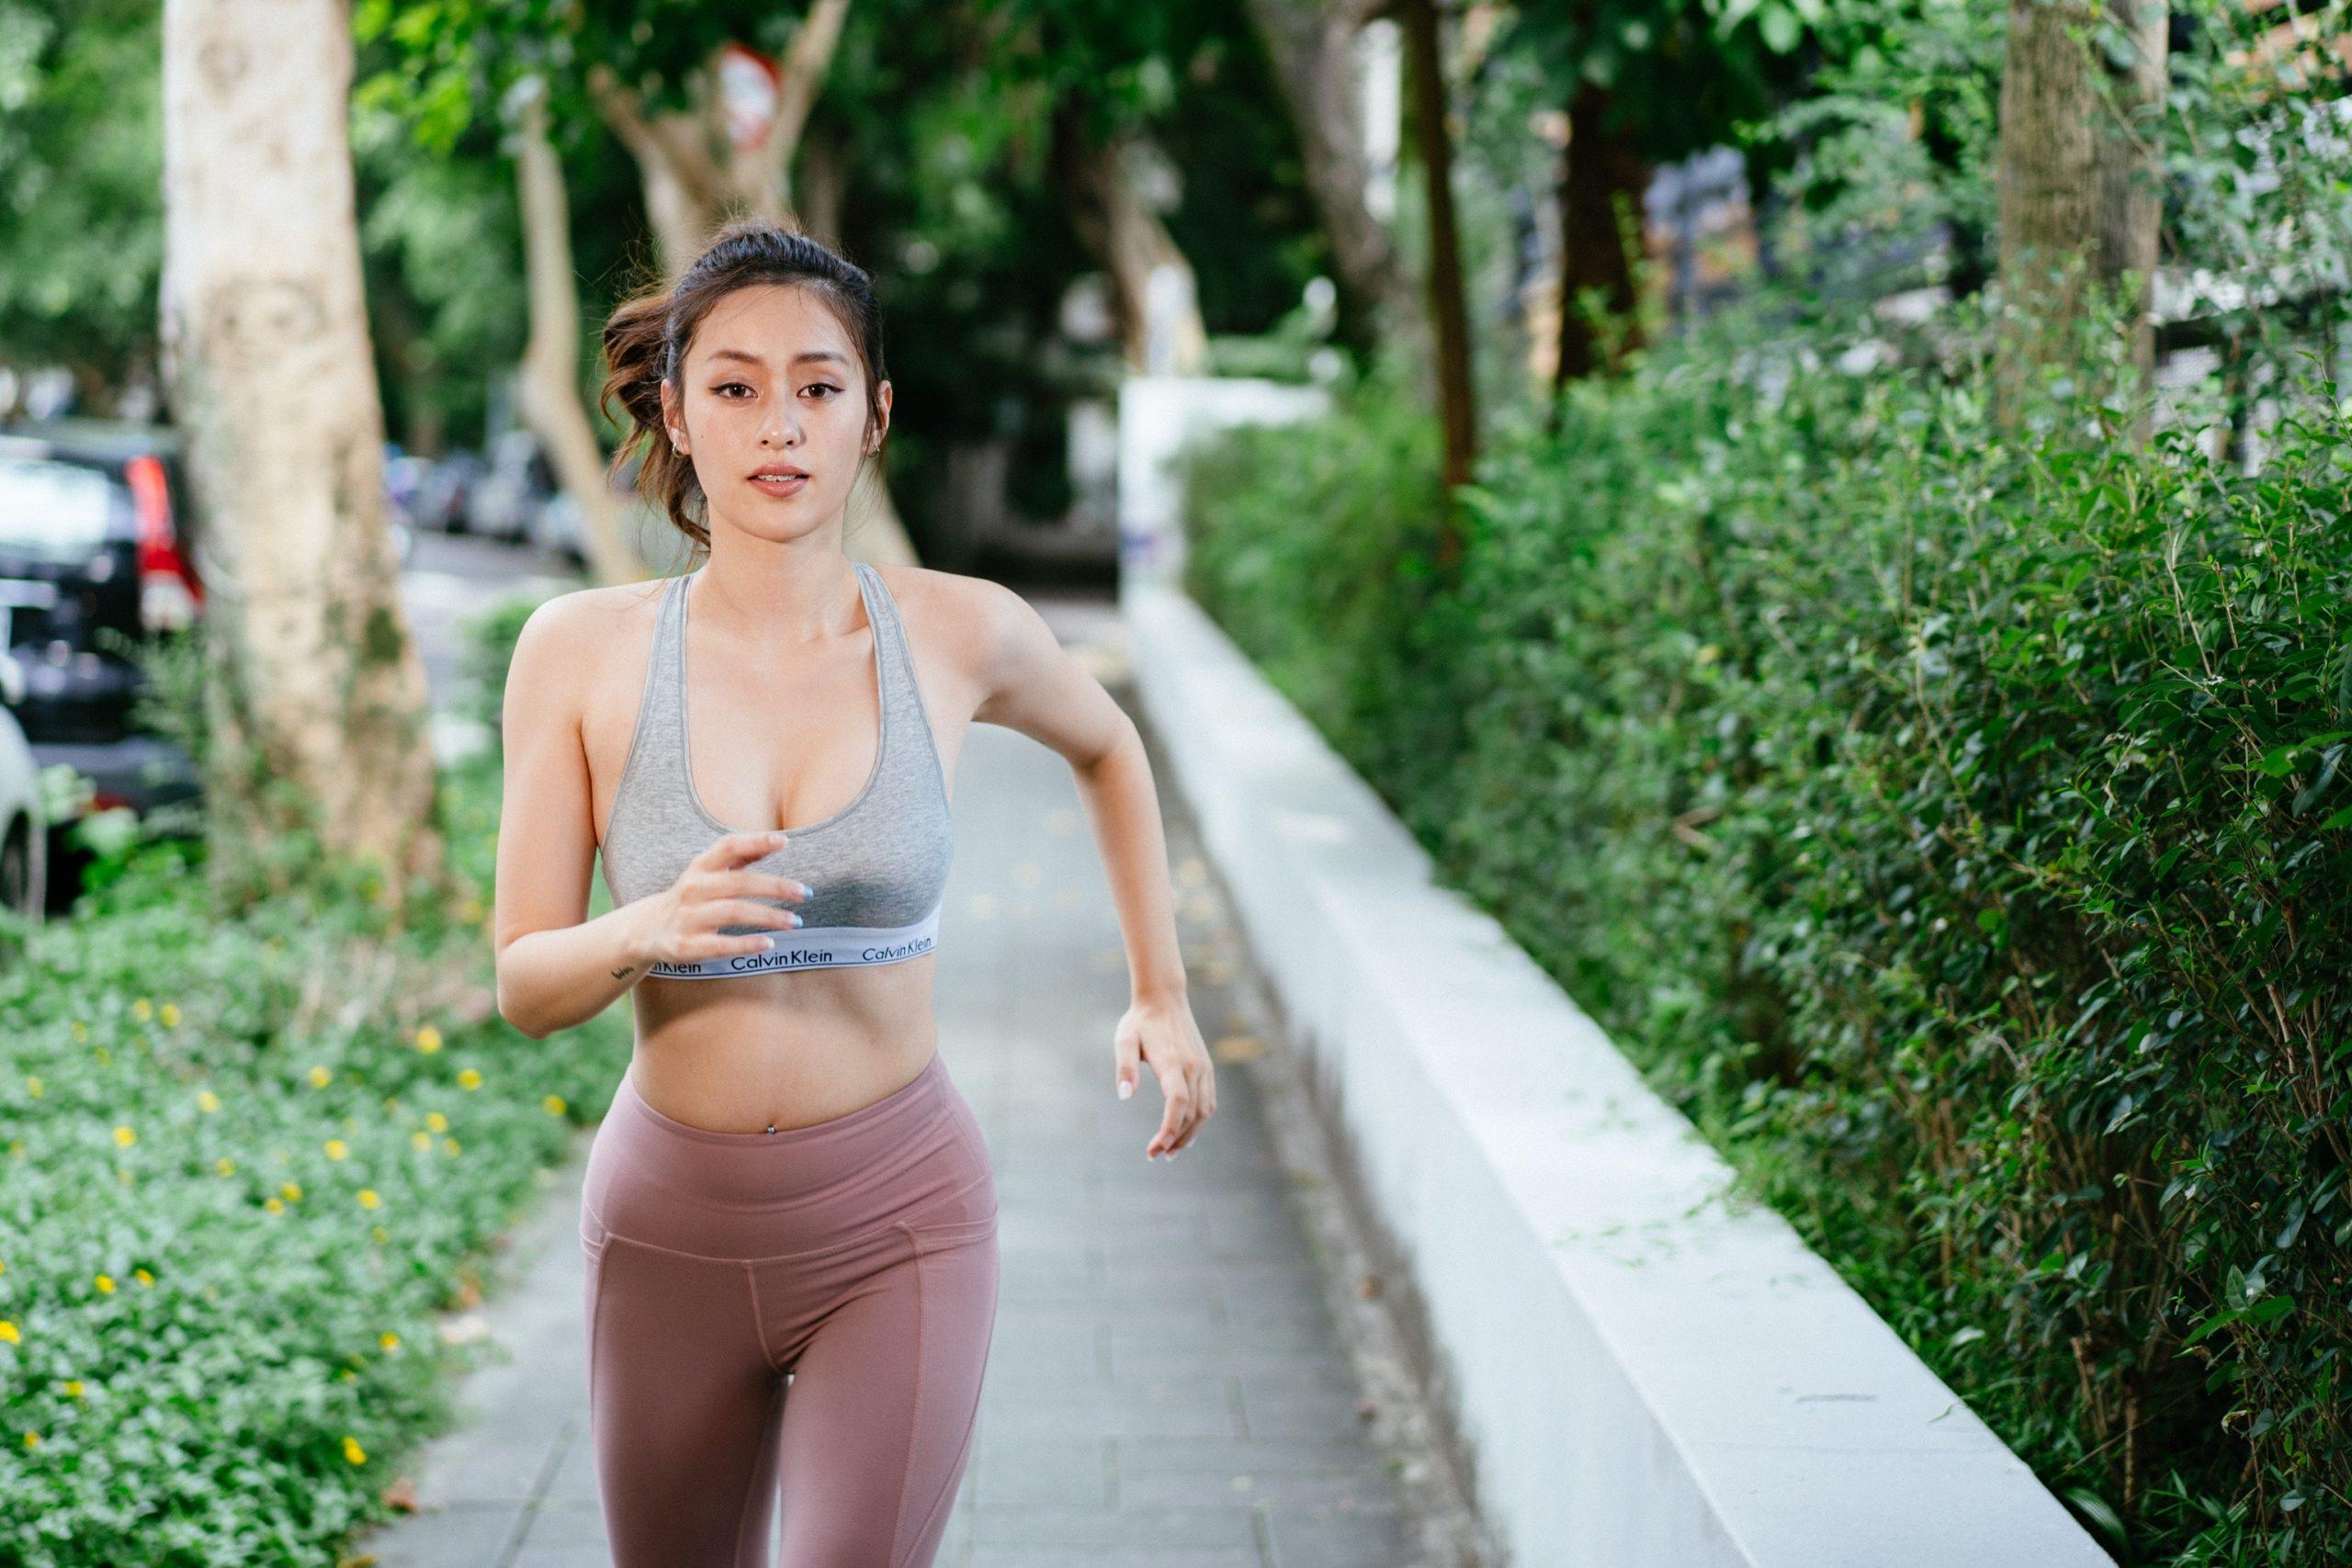 benefici della corsa sul corpo